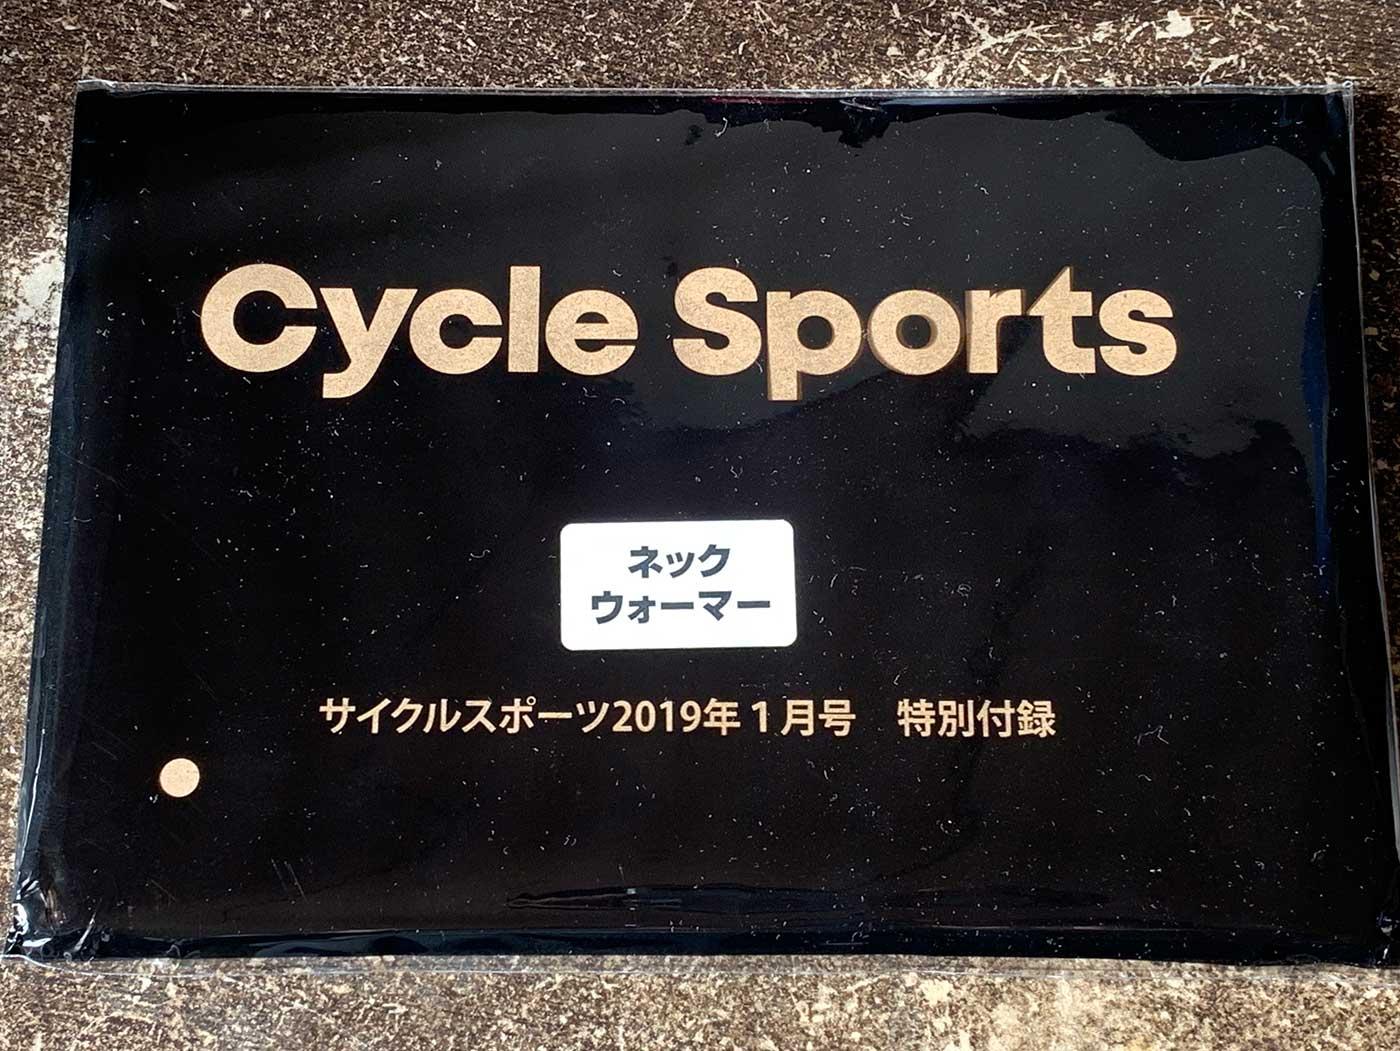 サイクルスポーツの付録